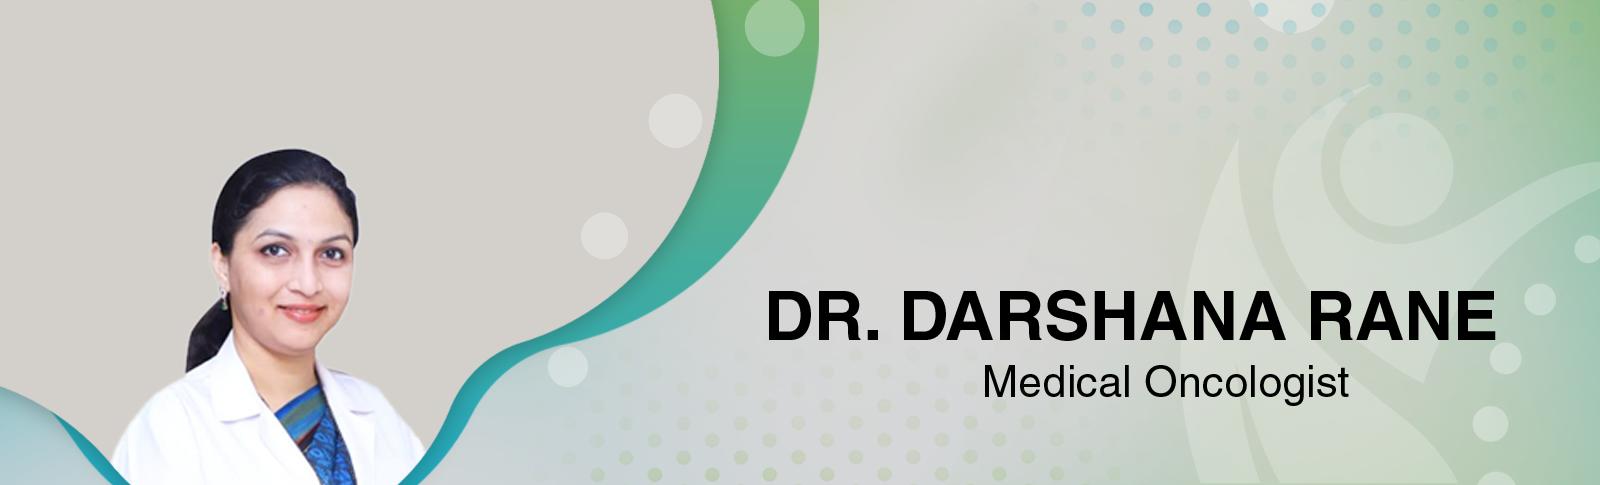 Dr. Darshana Rane